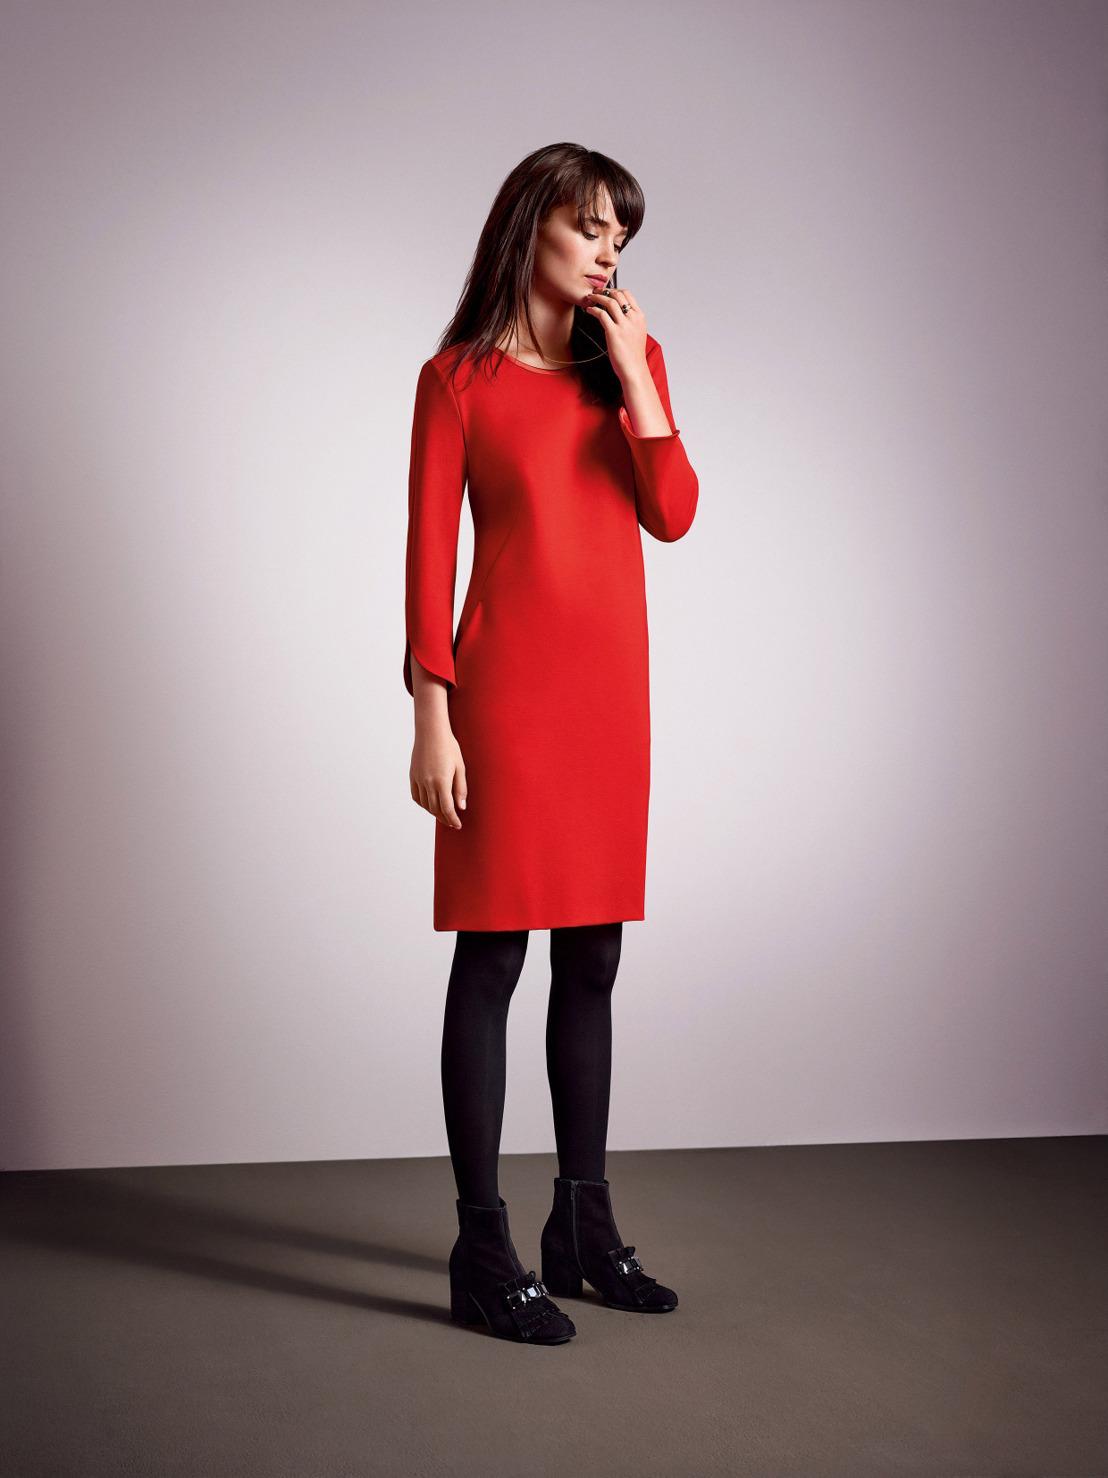 Плаття-футляр 2018  актуальні кольори і модні образи 5c48cd2c2166e